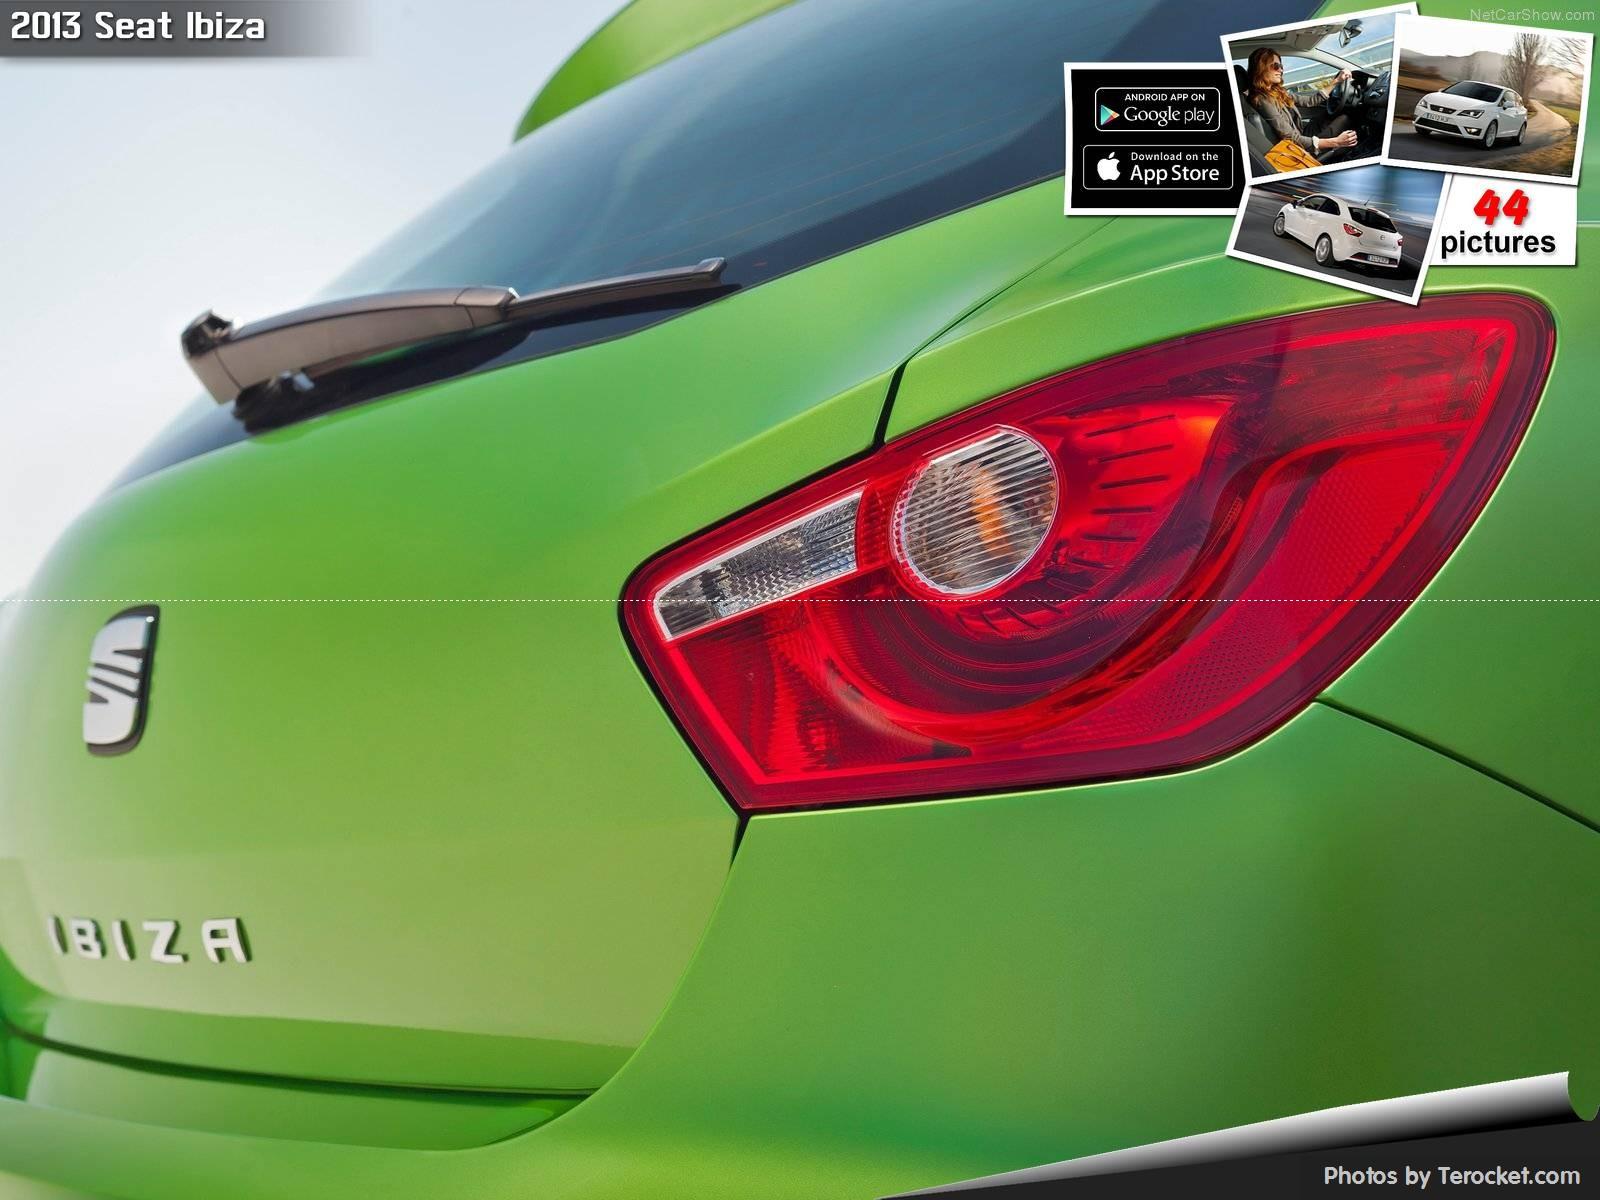 Hình ảnh xe ô tô Seat Ibiza 2013 & nội ngoại thất